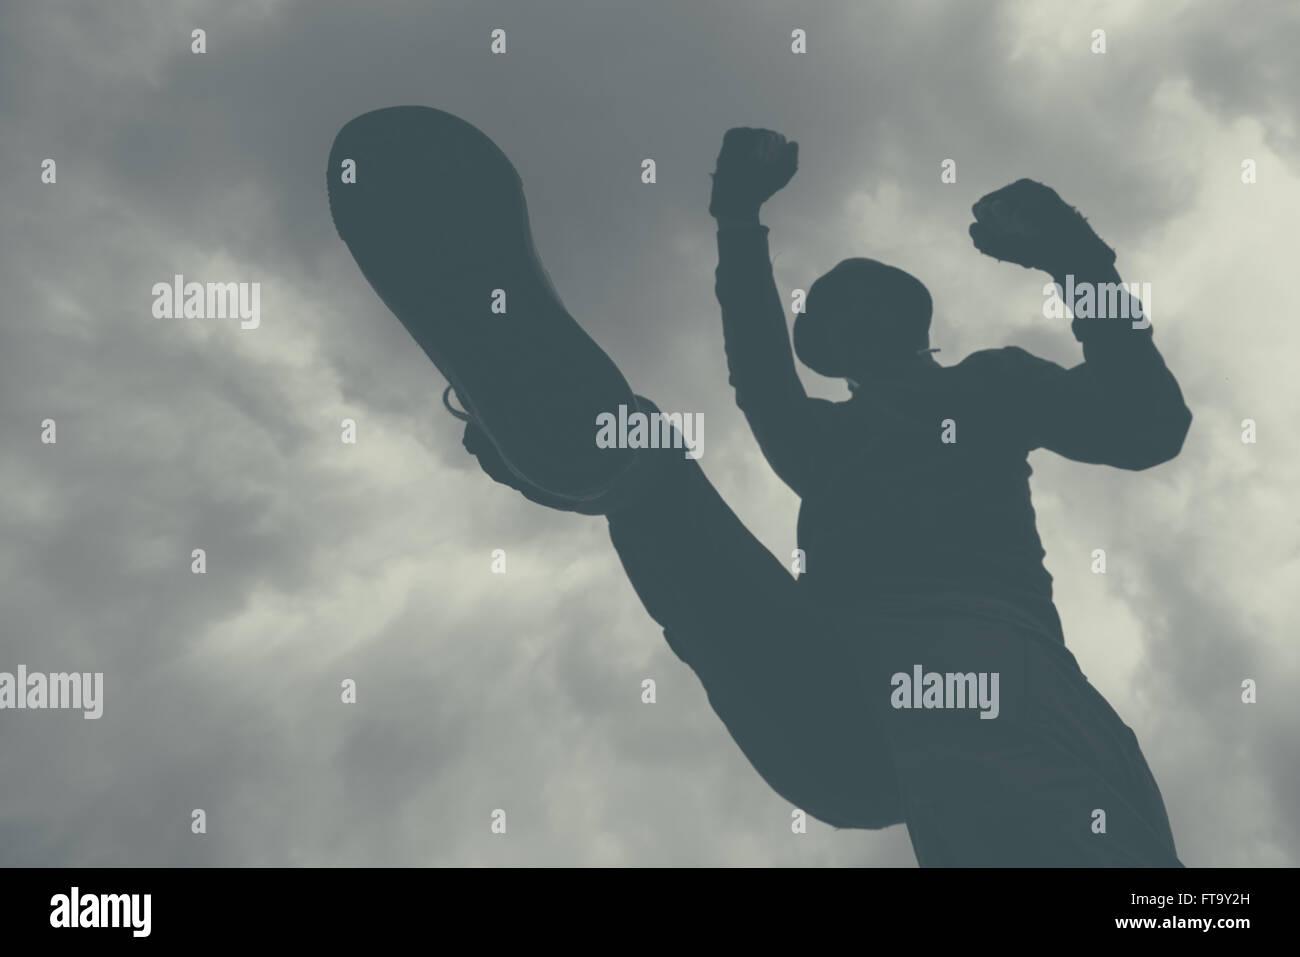 Violento attacco, irriconoscibile incappucciati criminale maschio di calci e pugni vittima sulla strada. immagine Immagini Stock